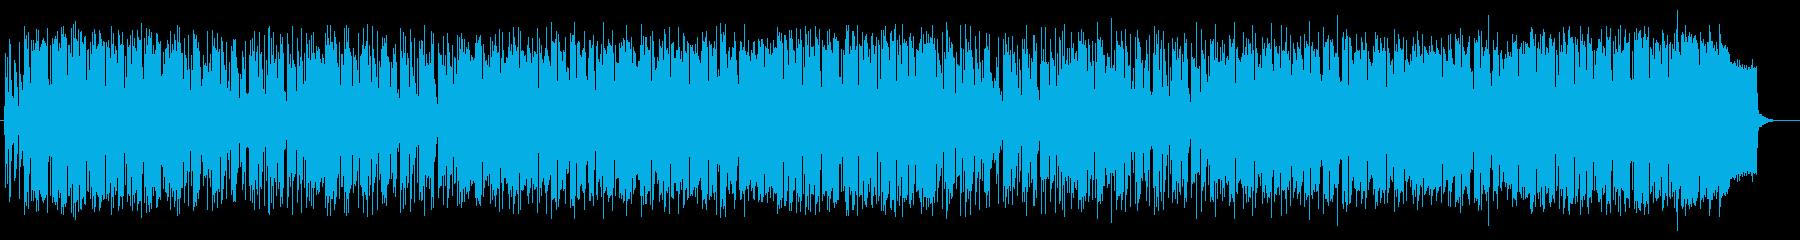 明るく爽やかなシンセのポップ曲の再生済みの波形